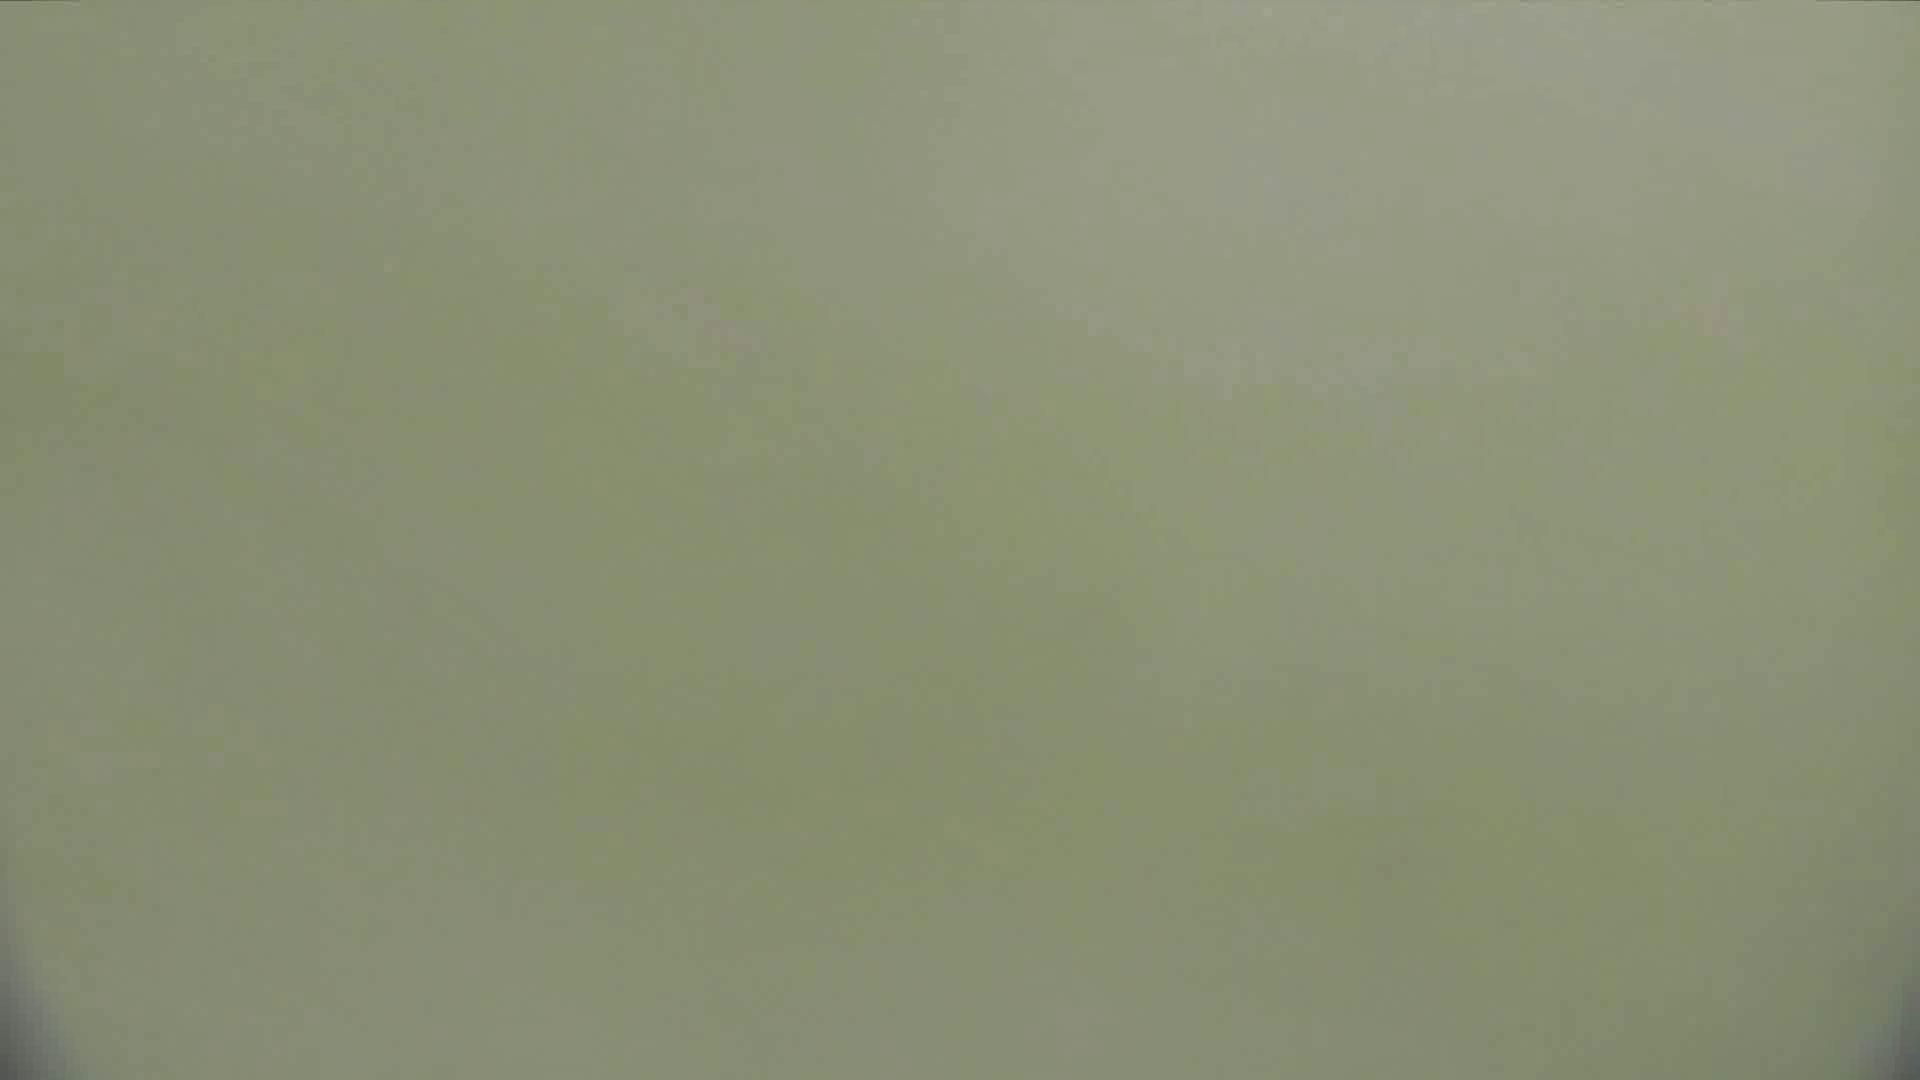 【美しき個室な世界】 vol.021 めがねっこ 洗面所のぞき  97枚 75